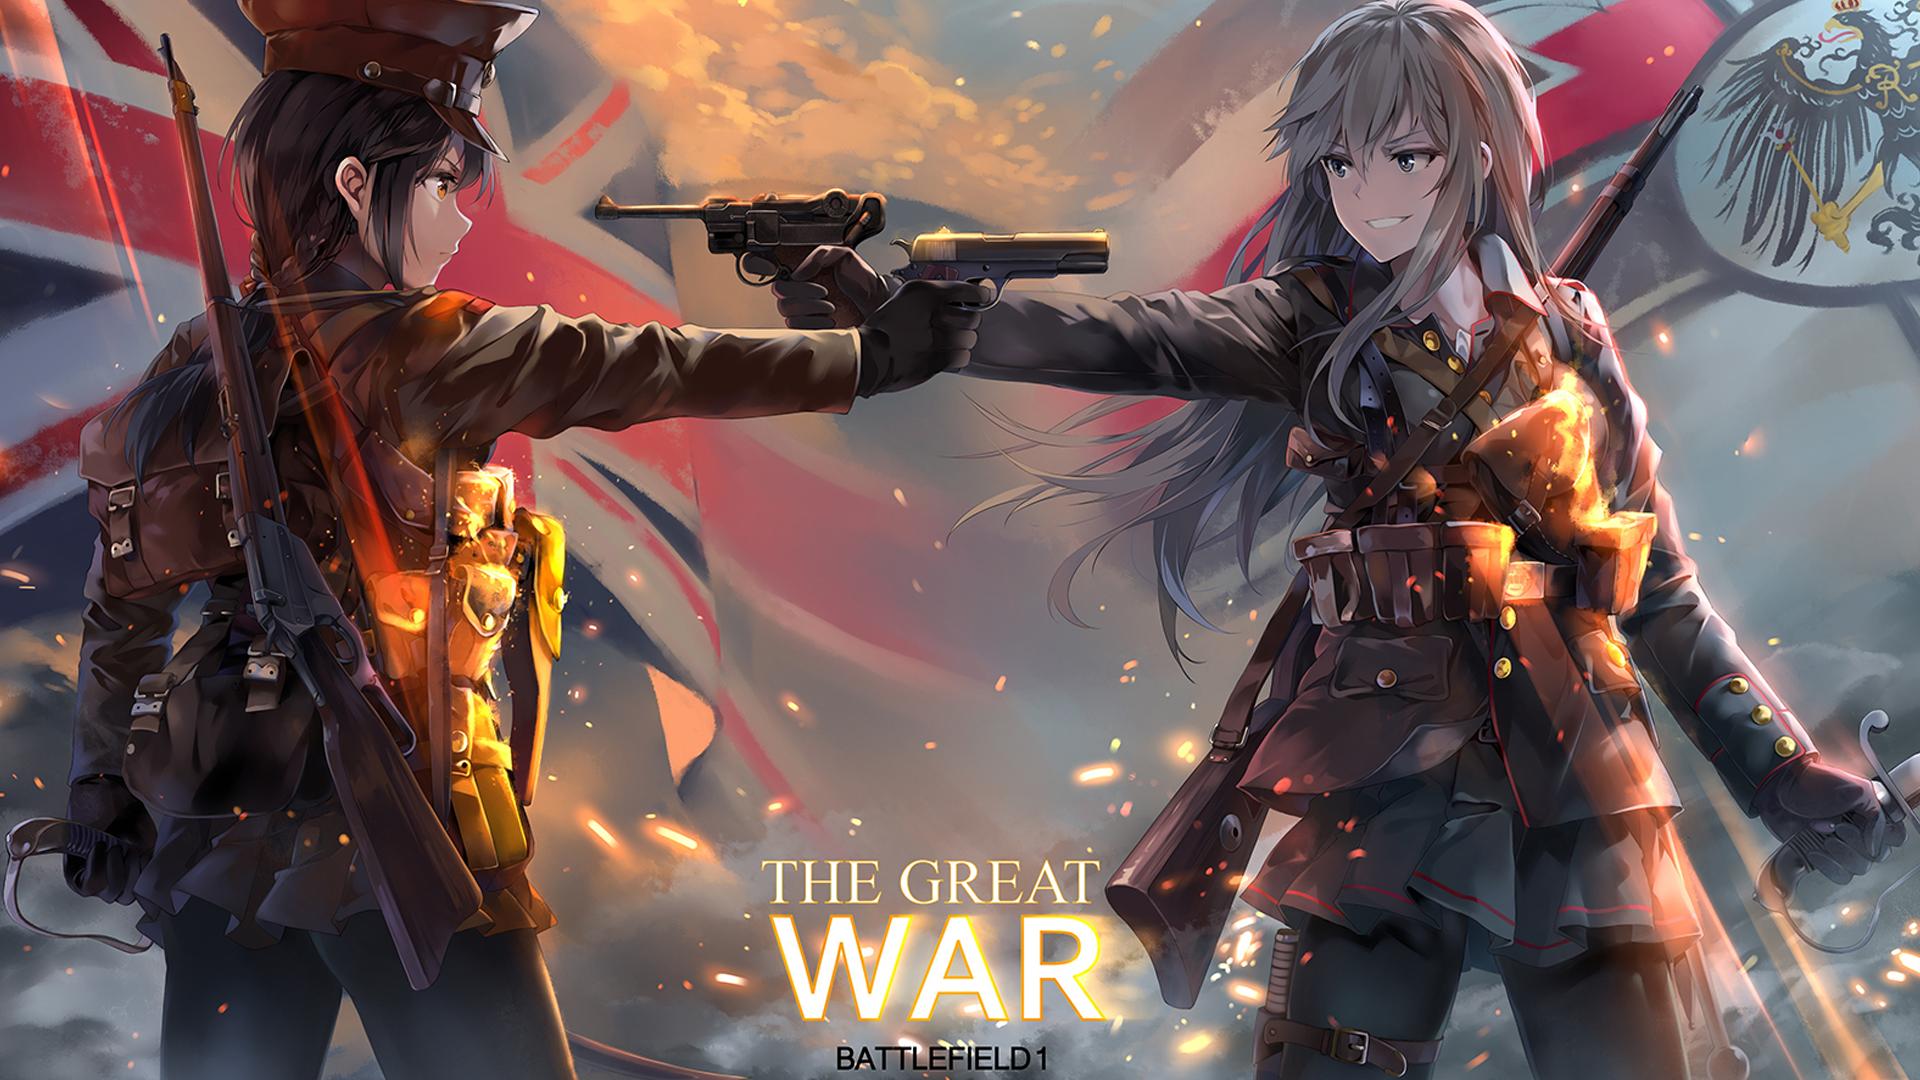 The great war 1920x1080 hd wallpaper from - Anime war wallpaper ...